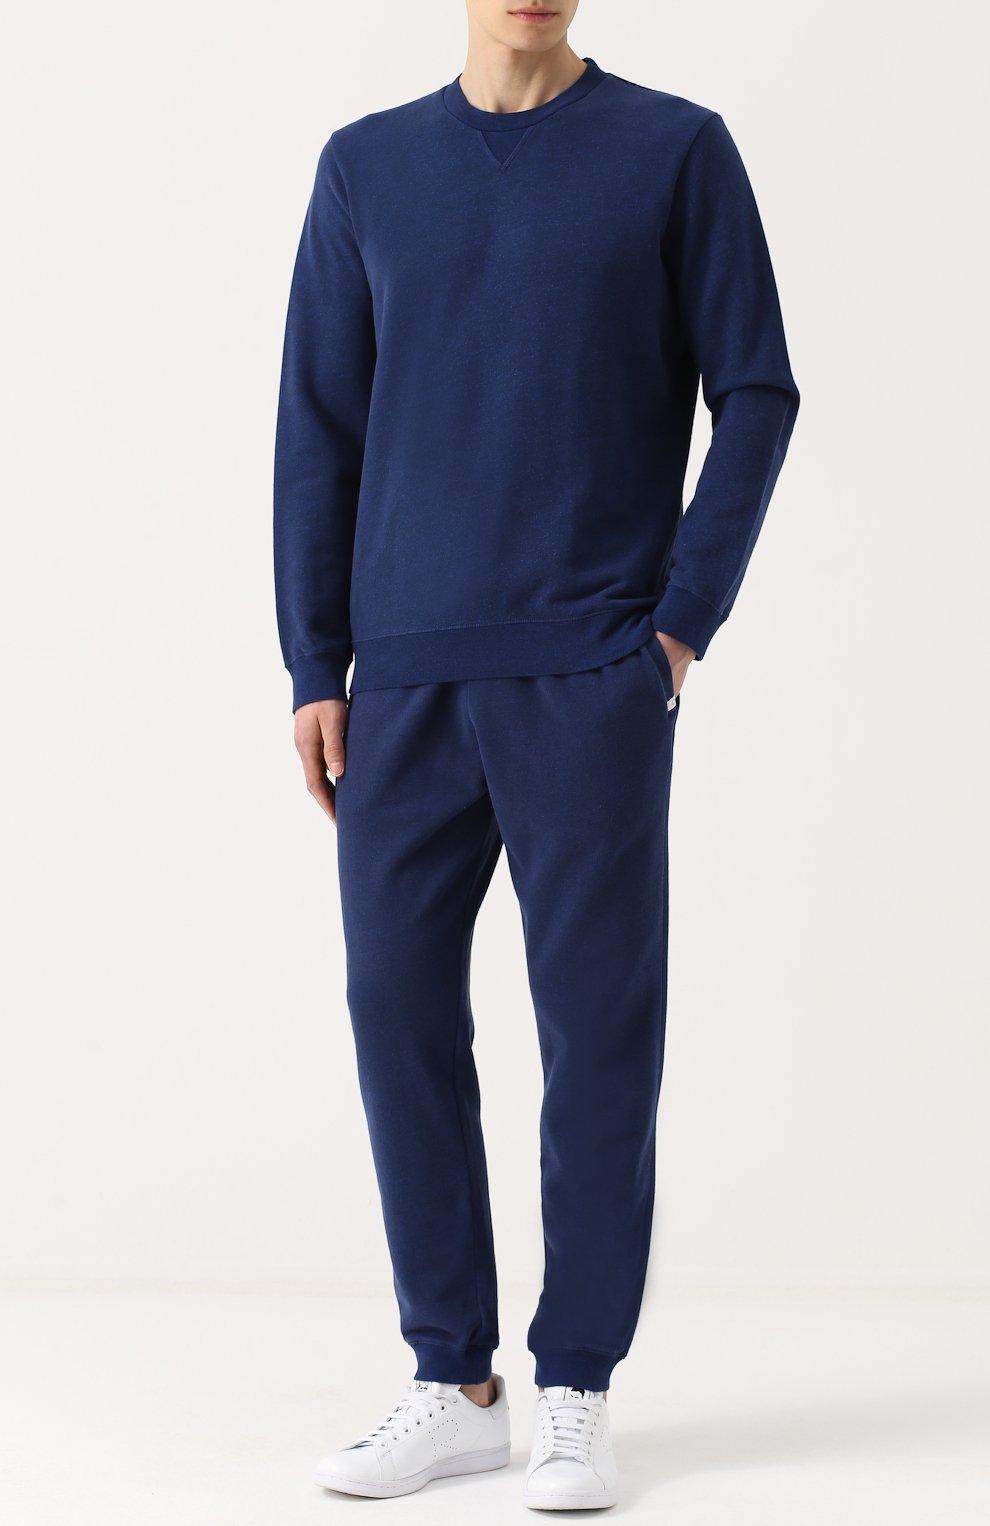 Мужской хлопковый свитшот свободного кроя DEREK ROSE темно-синего цвета, арт. 9000-DEV0001 | Фото 2 (Рукава: Длинные; Принт: Без принта; Длина (для топов): Стандартные; Мужское Кросс-КТ: свитшот-одежда; Материал внешний: Хлопок)